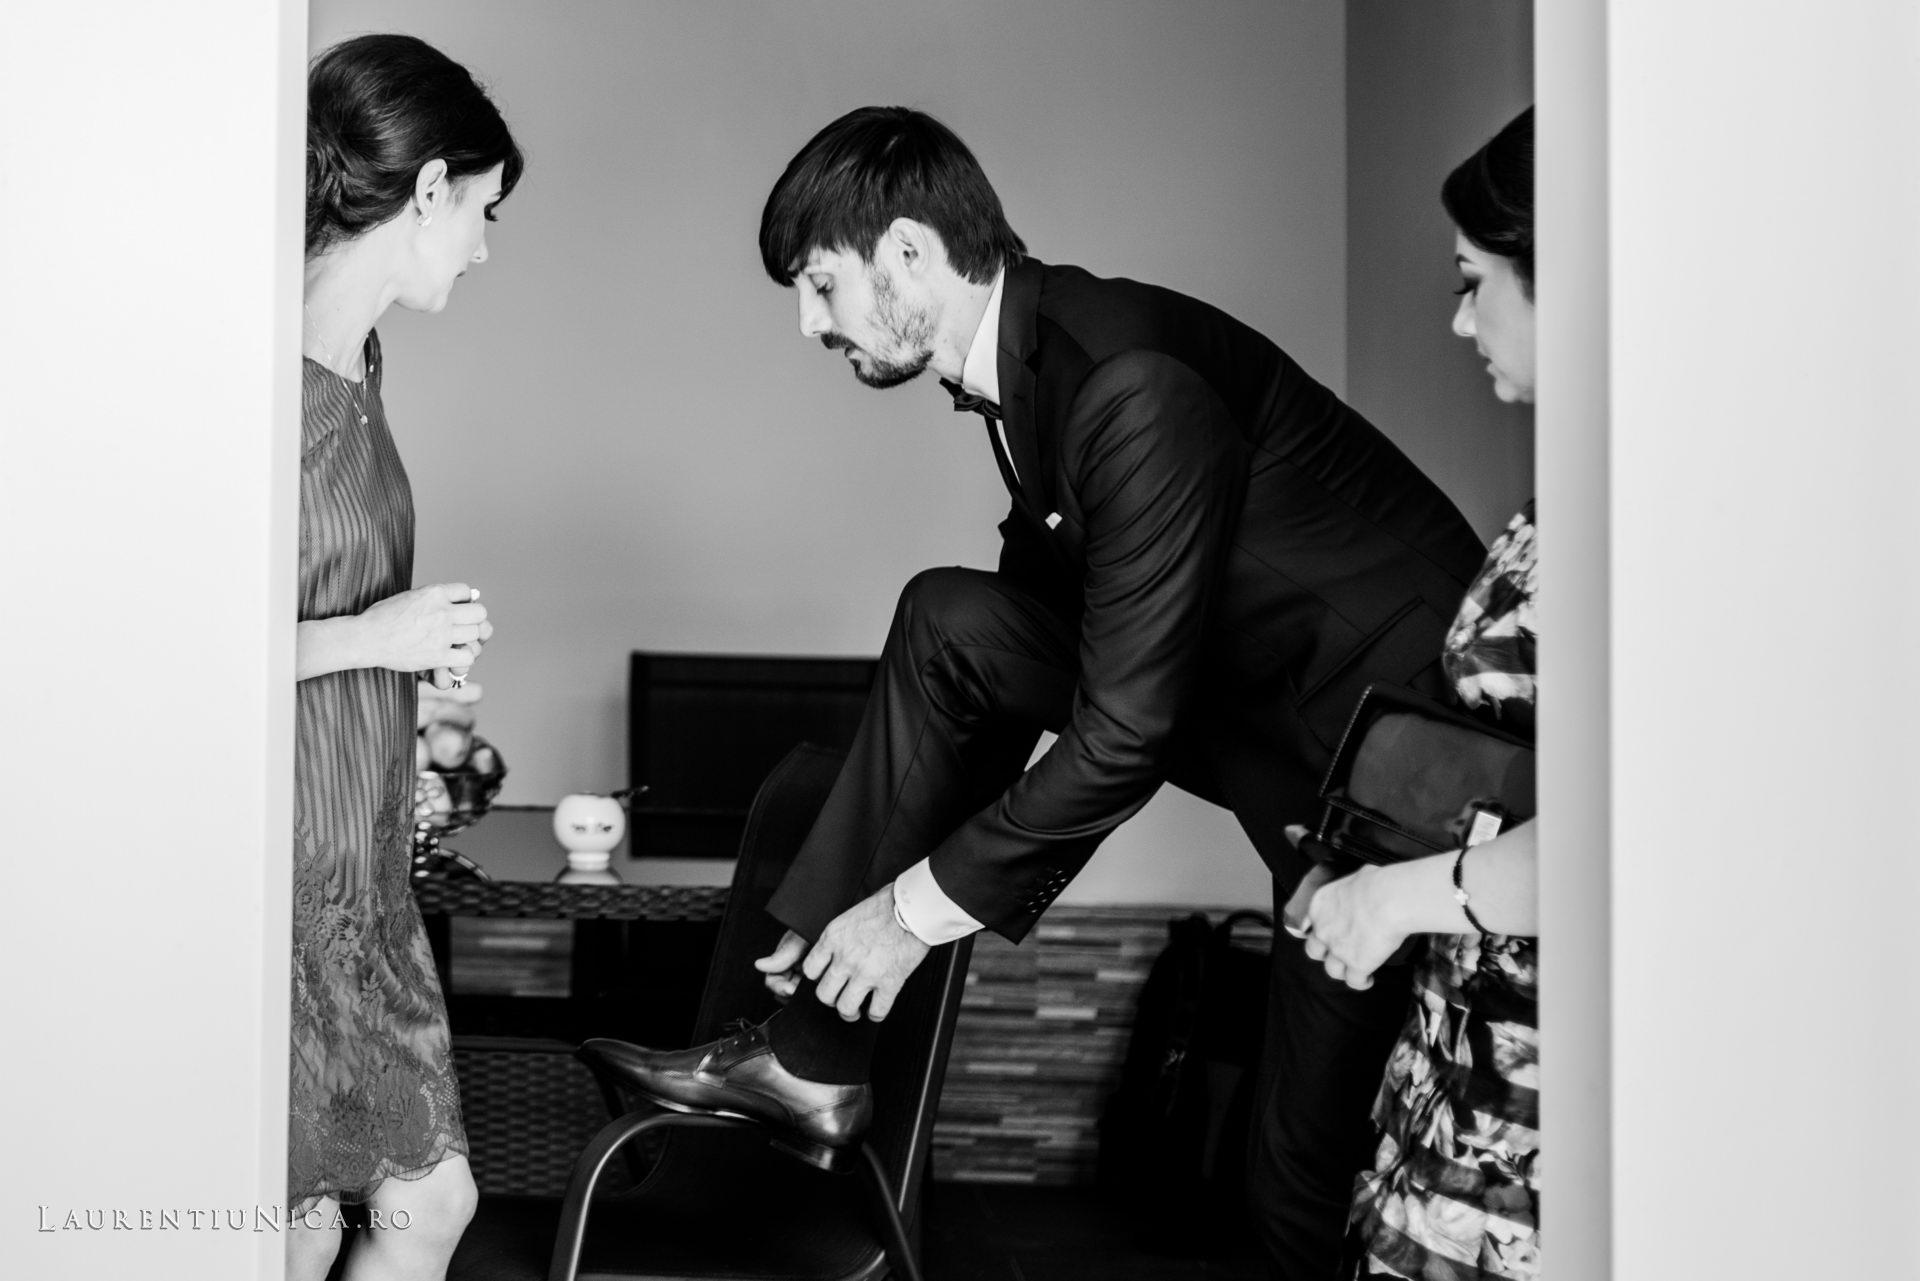 Cristina si Ovidiu nunta Craiova fotograf laurentiu nica 048 - Cristina & Ovidiu | Fotografii nunta | Craiova